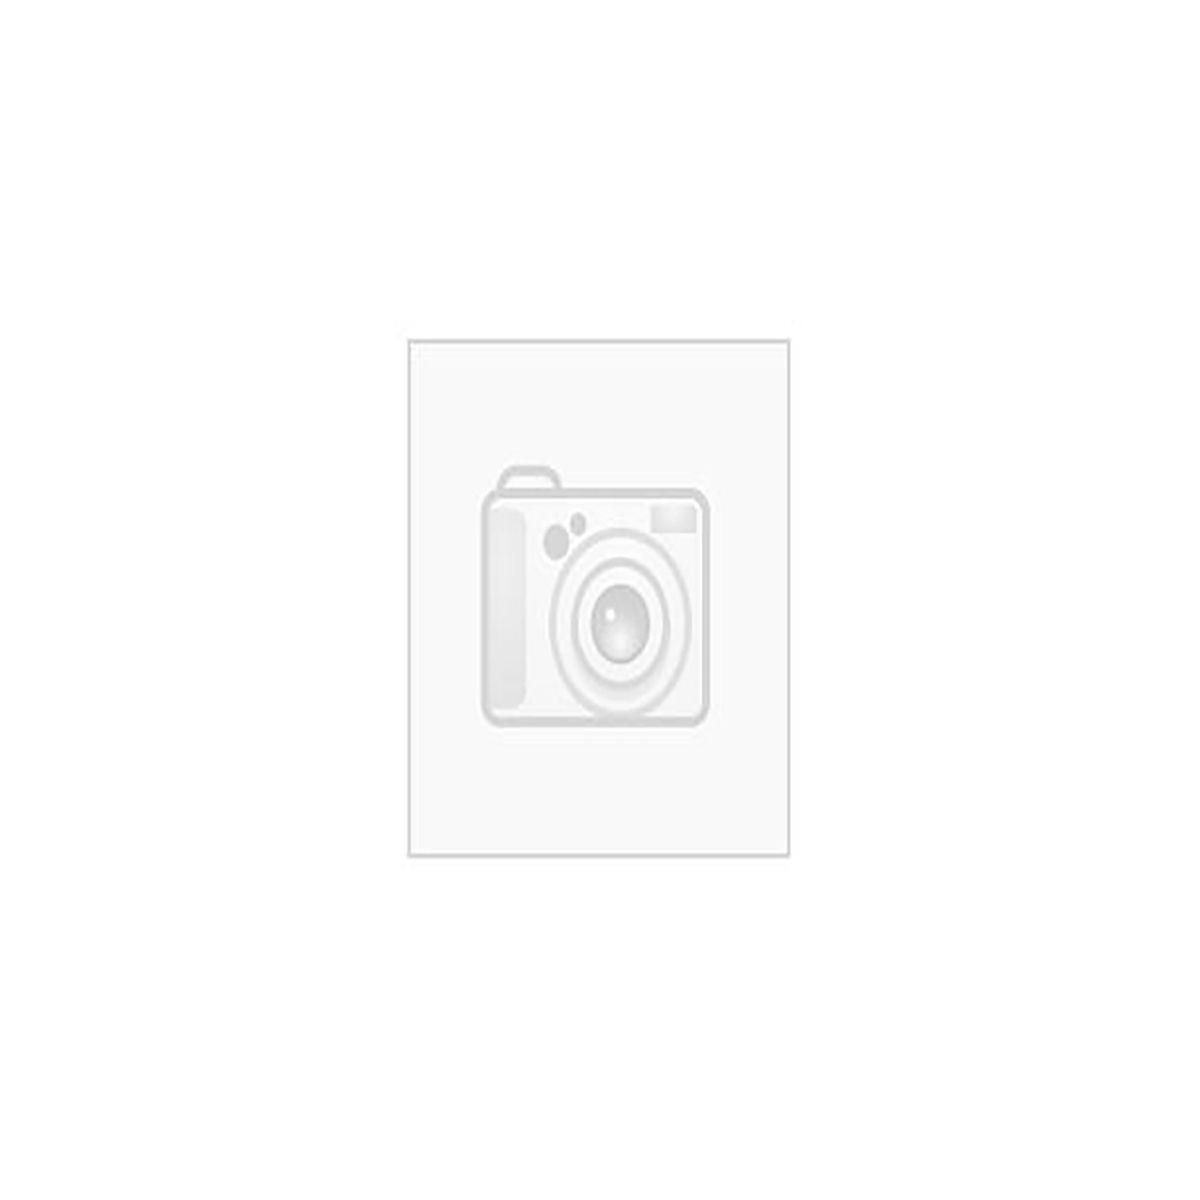 Veggskål Pro S compact, Laufen